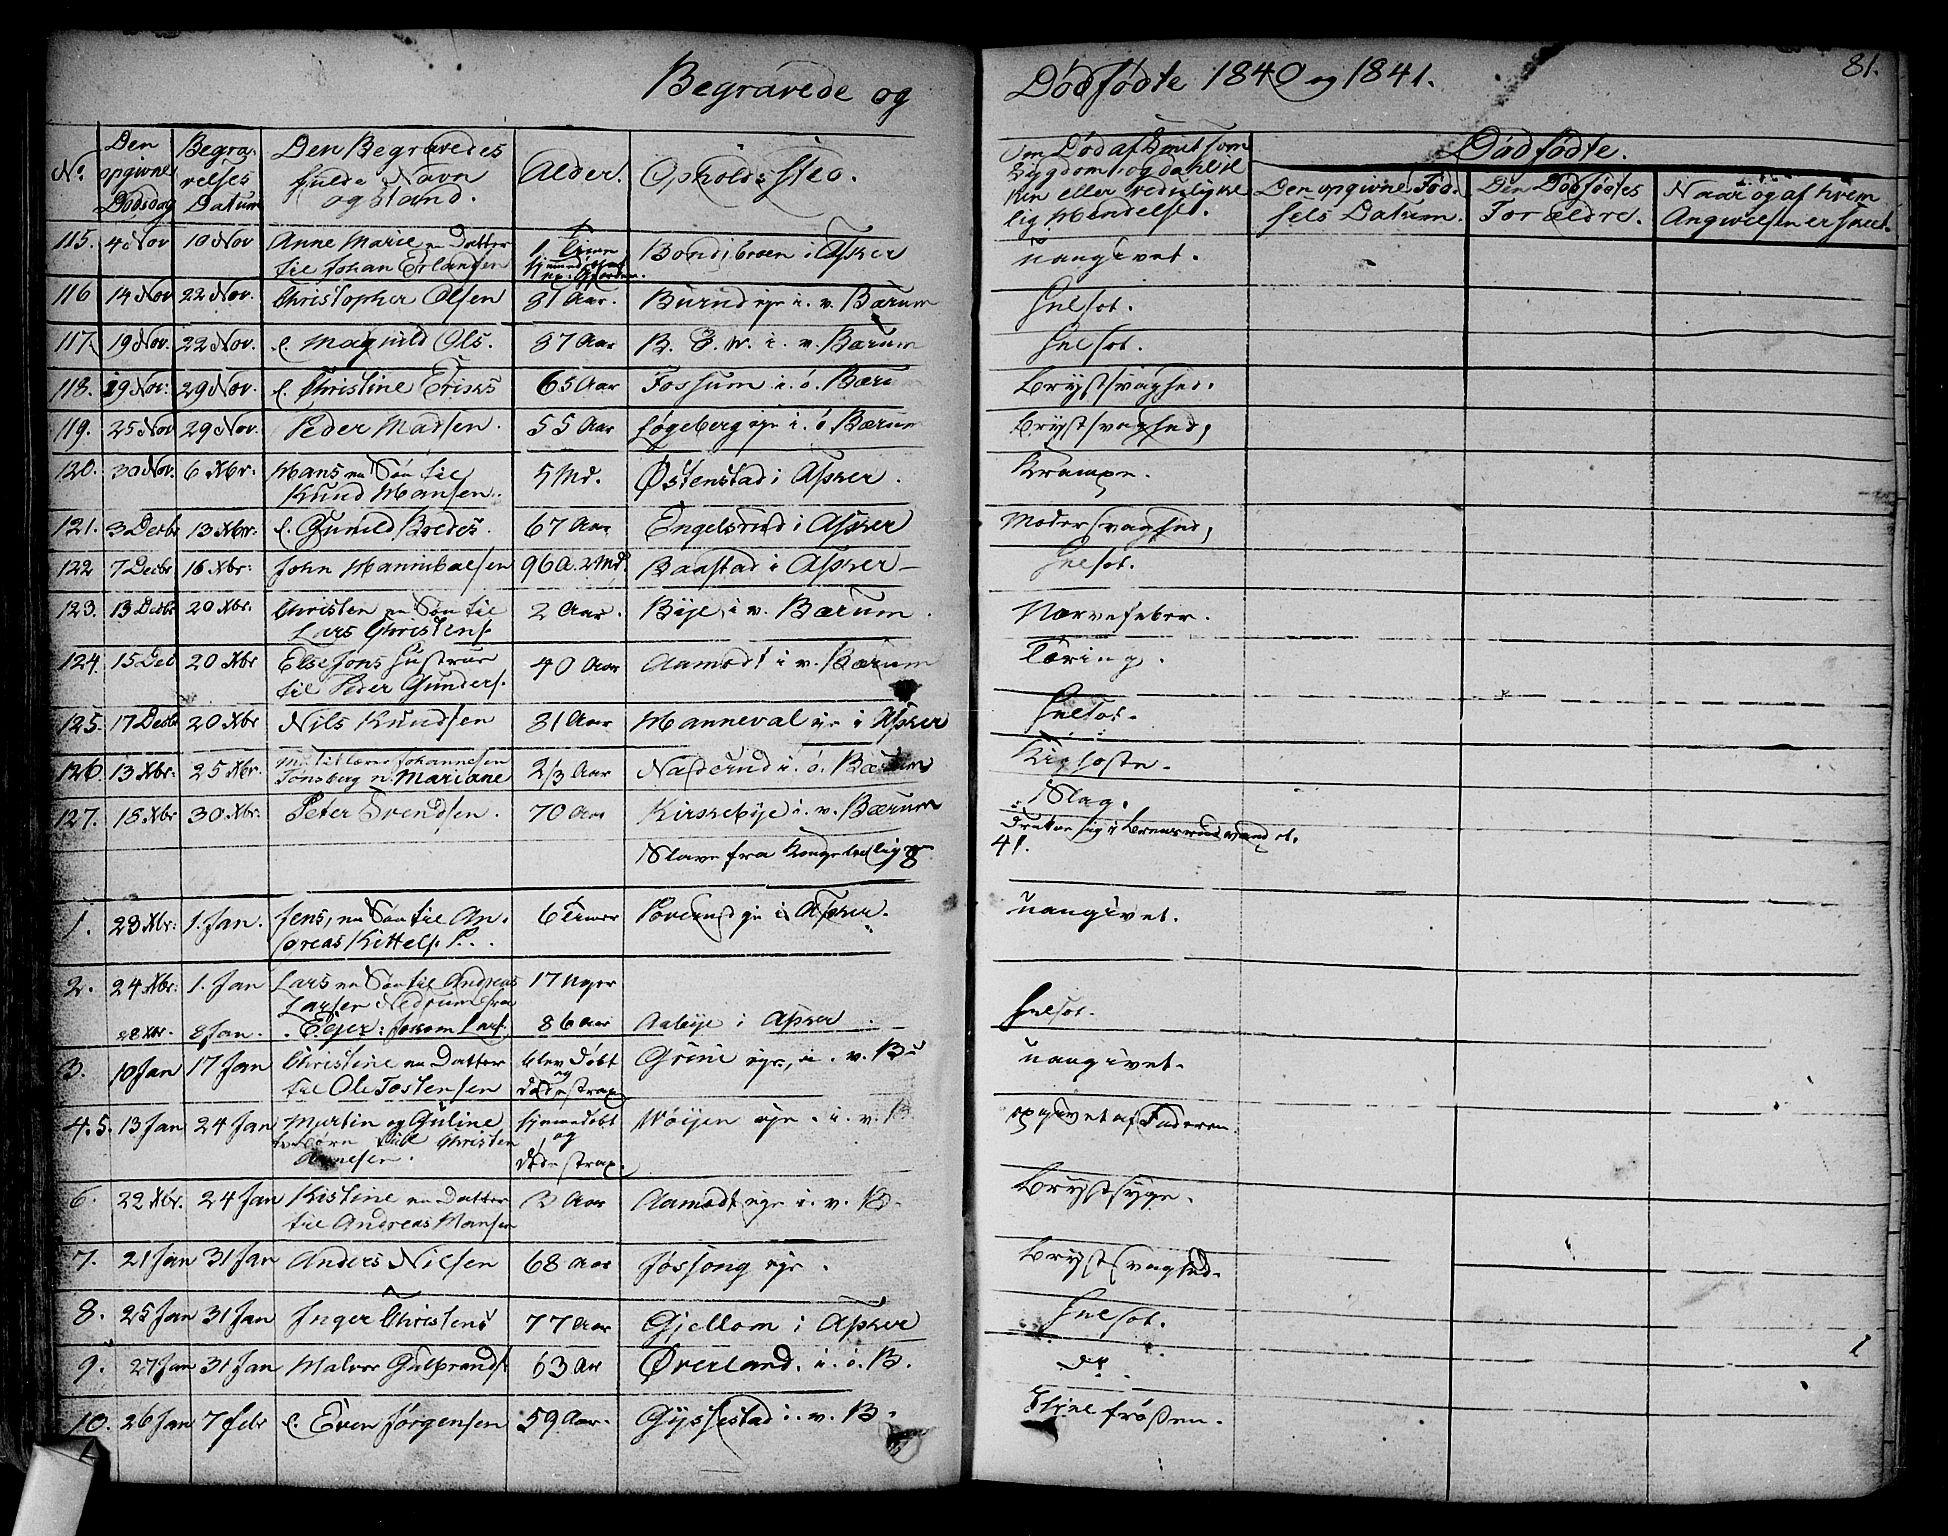 SAO, Asker prestekontor Kirkebøker, F/Fa/L0011: Ministerialbok nr. I 11, 1825-1878, s. 81